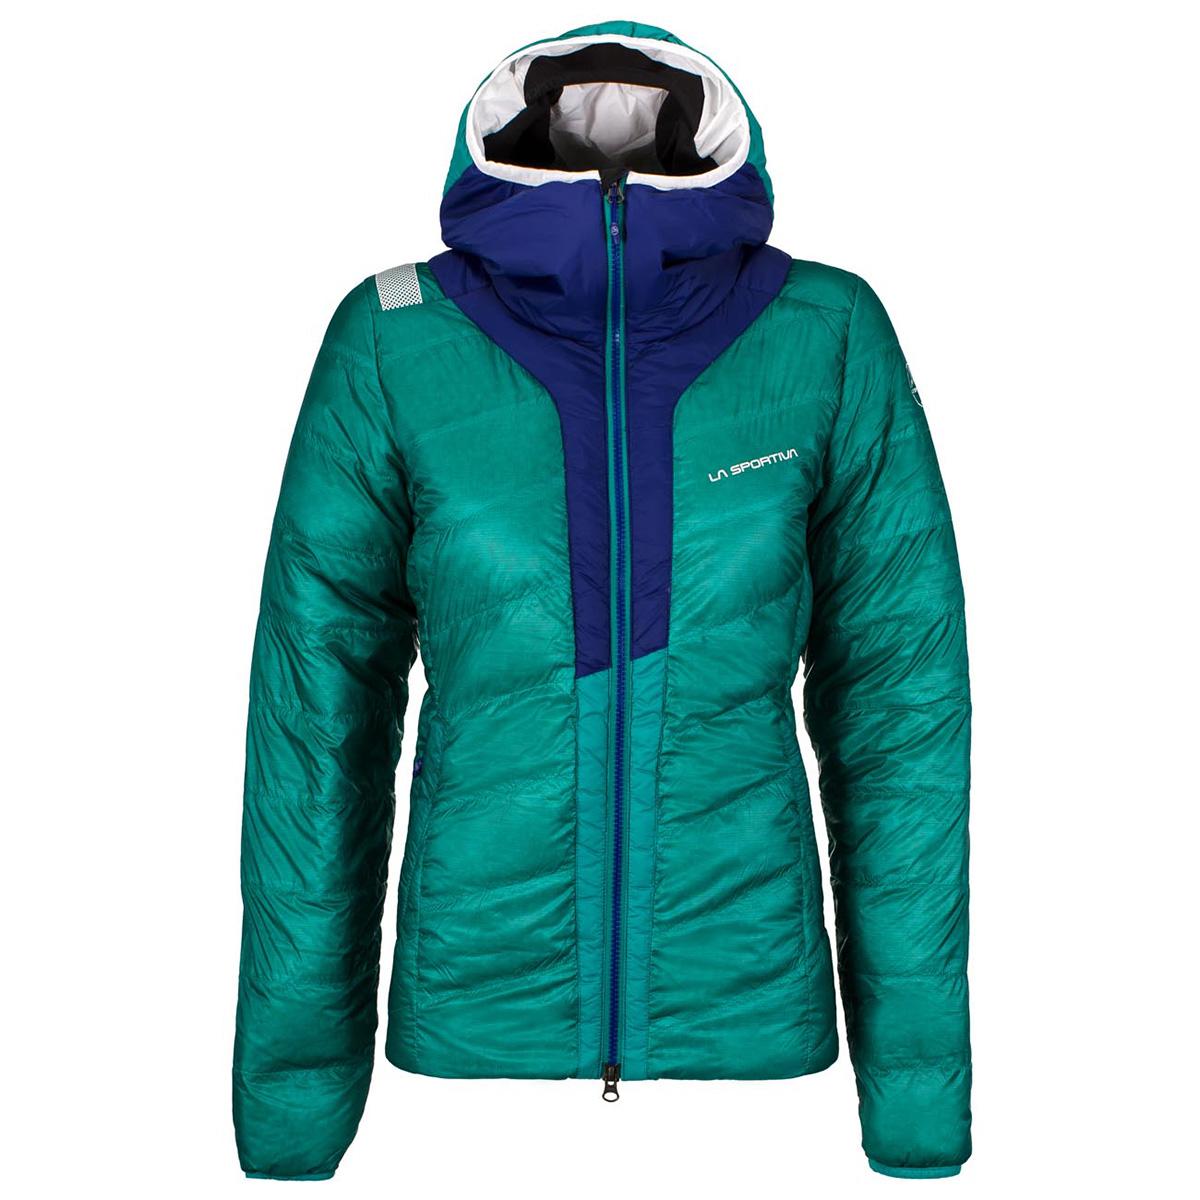 Piumino con cappuccio Frequency Down Jacket W di La Sportiva